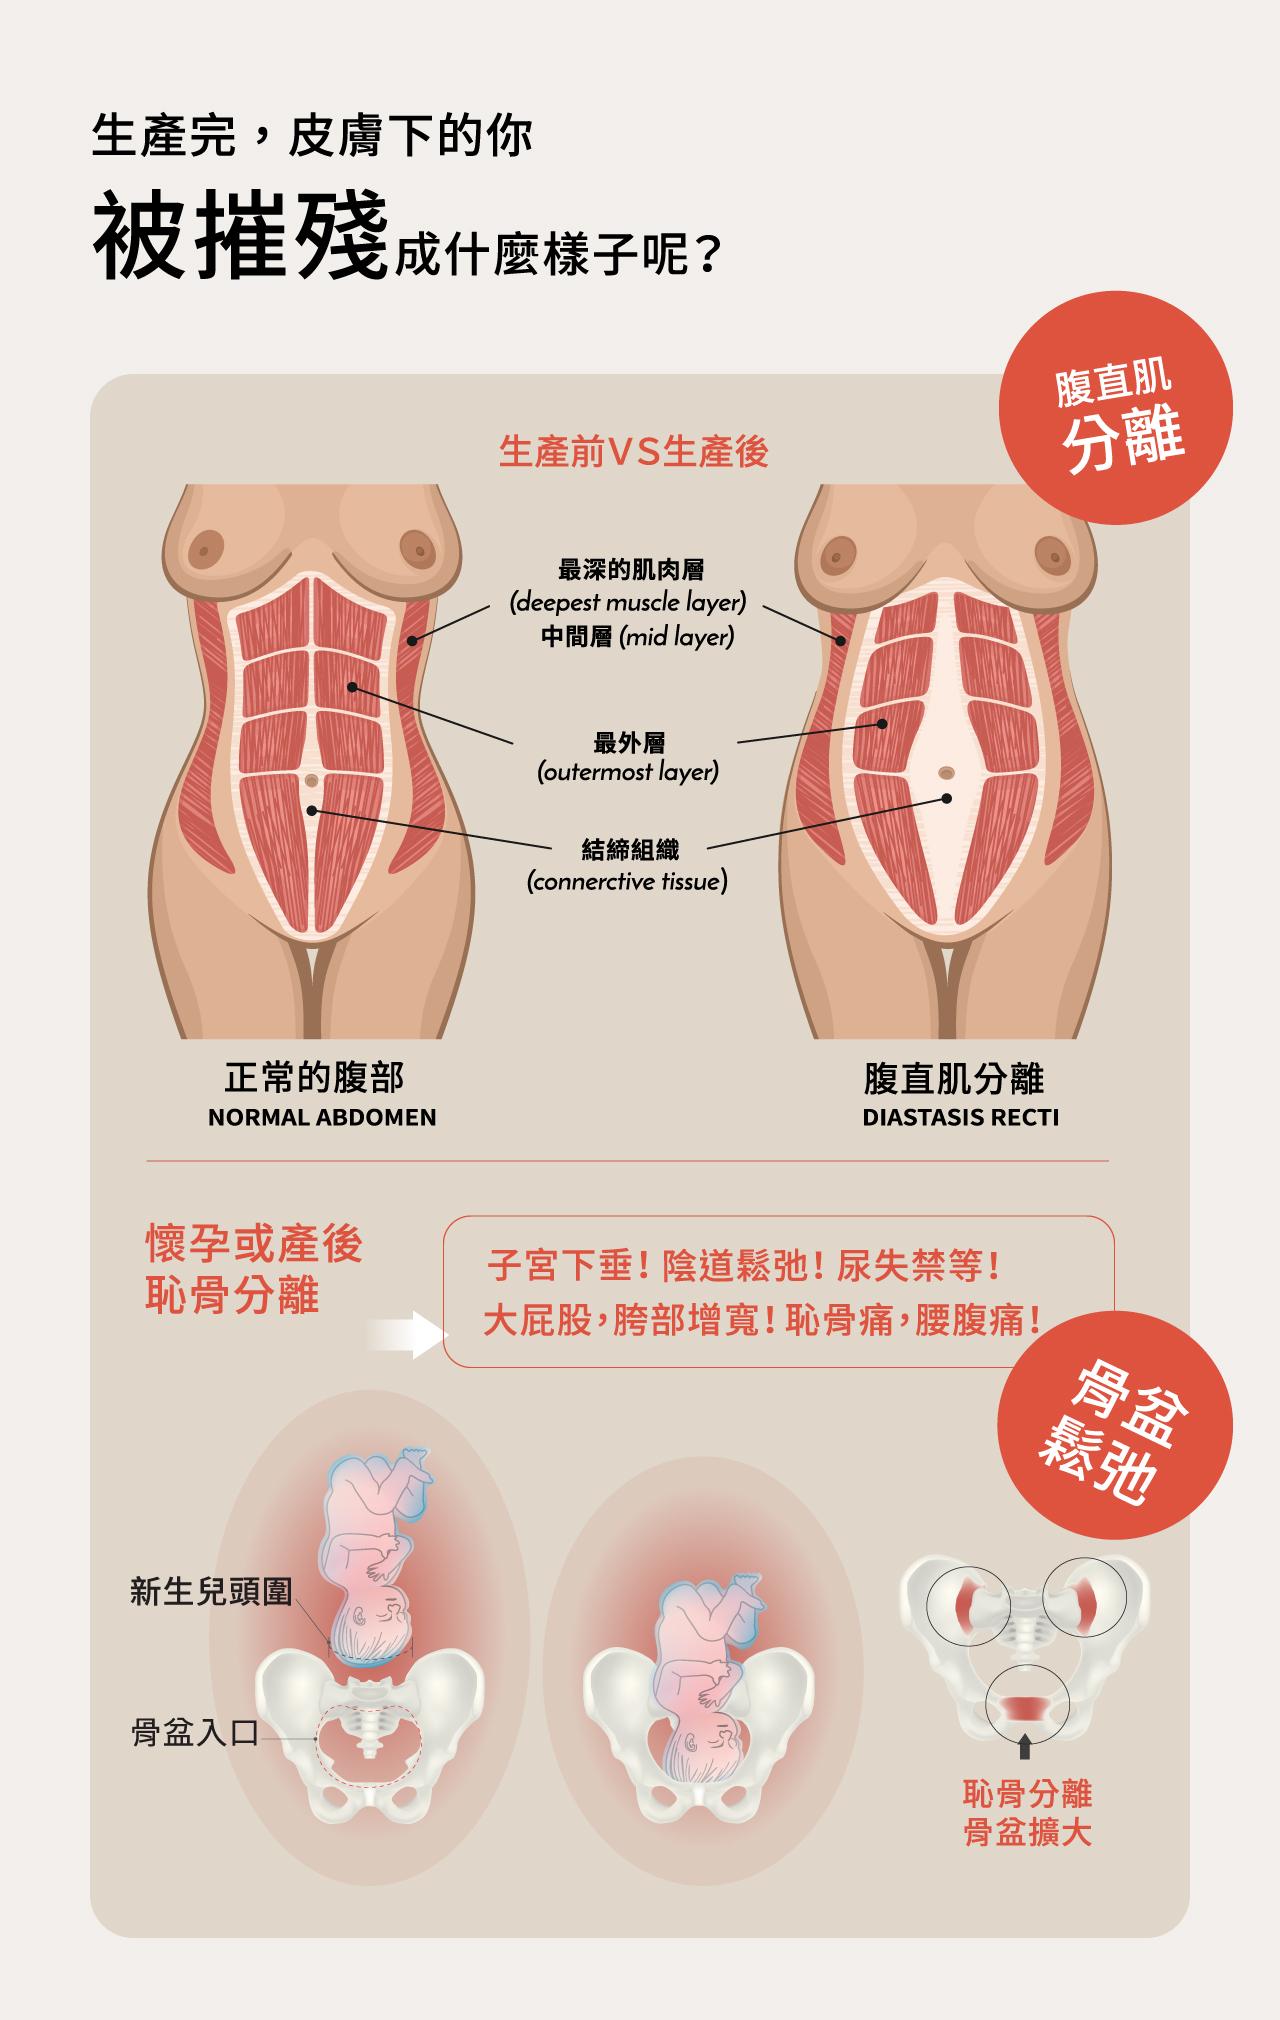 六甲村,月子塑身,坐月子,產後束腹帶,夜用型彈性束腹,24h縮腹內褲,束臀帶,自然產,剖腹產,產後瘦身